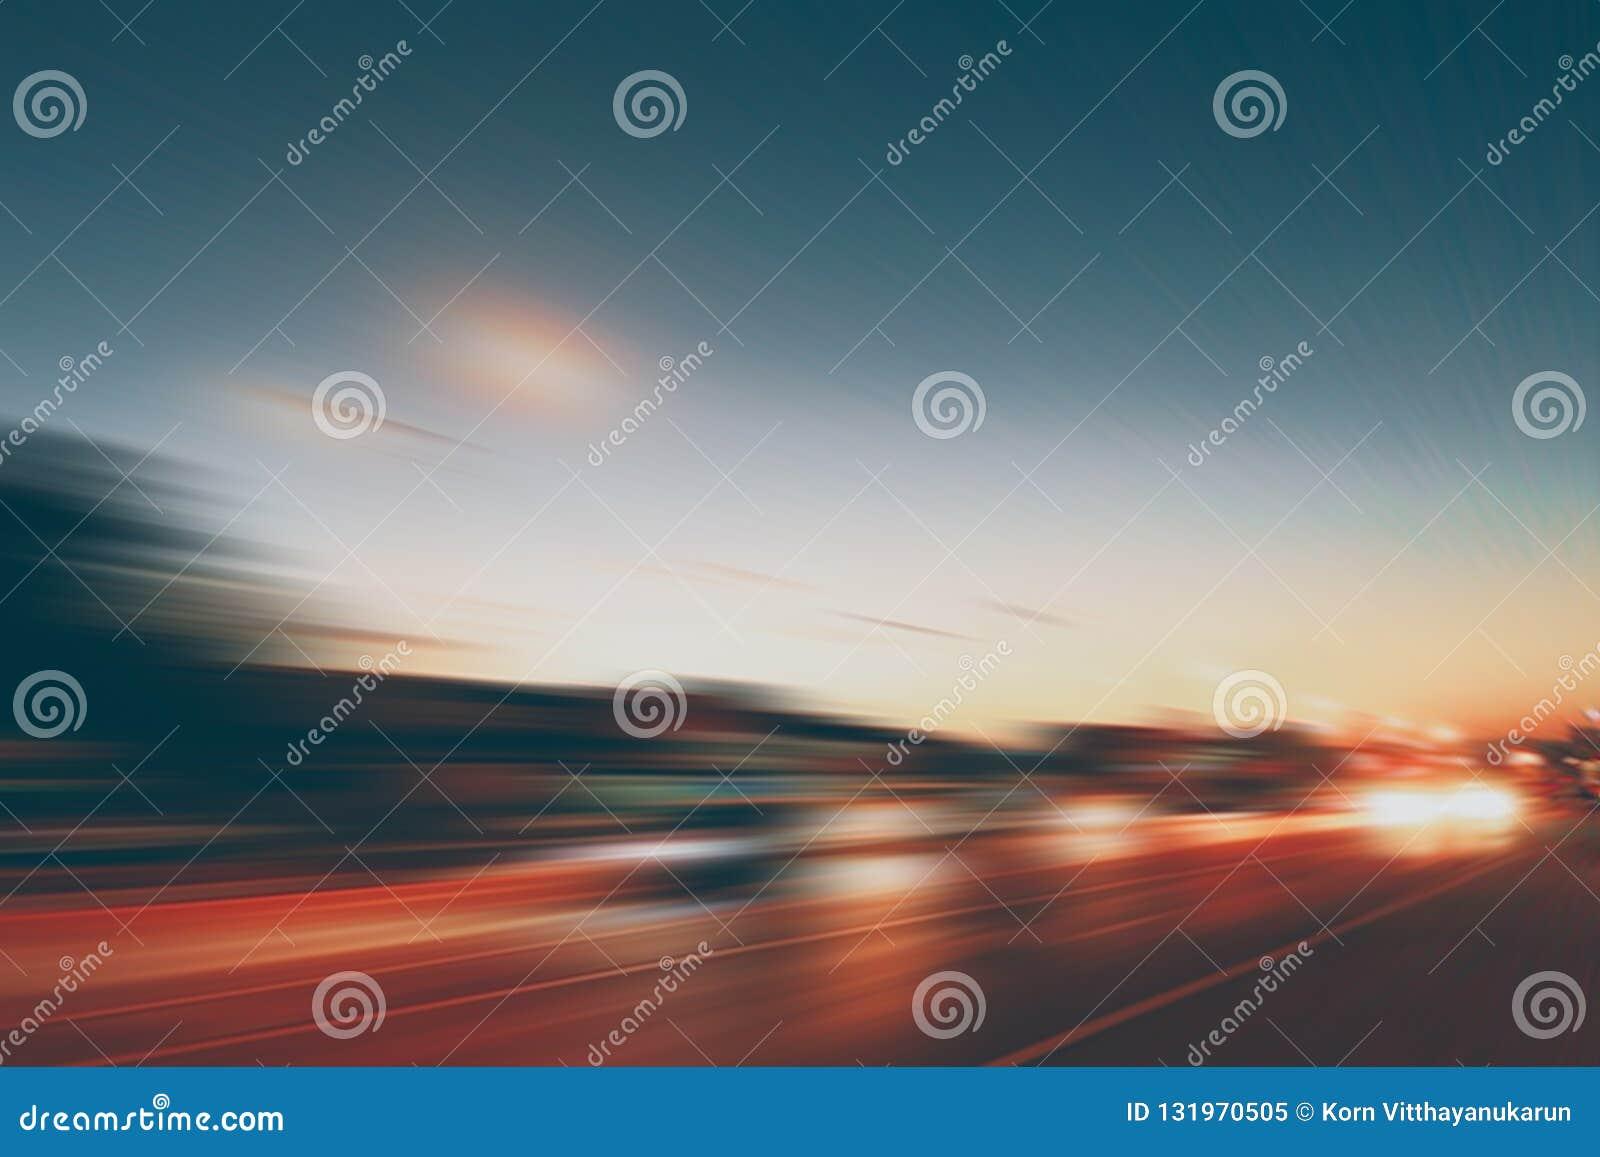 Półmrok drogowej plamy autostrady ruchu prędkości super skutek